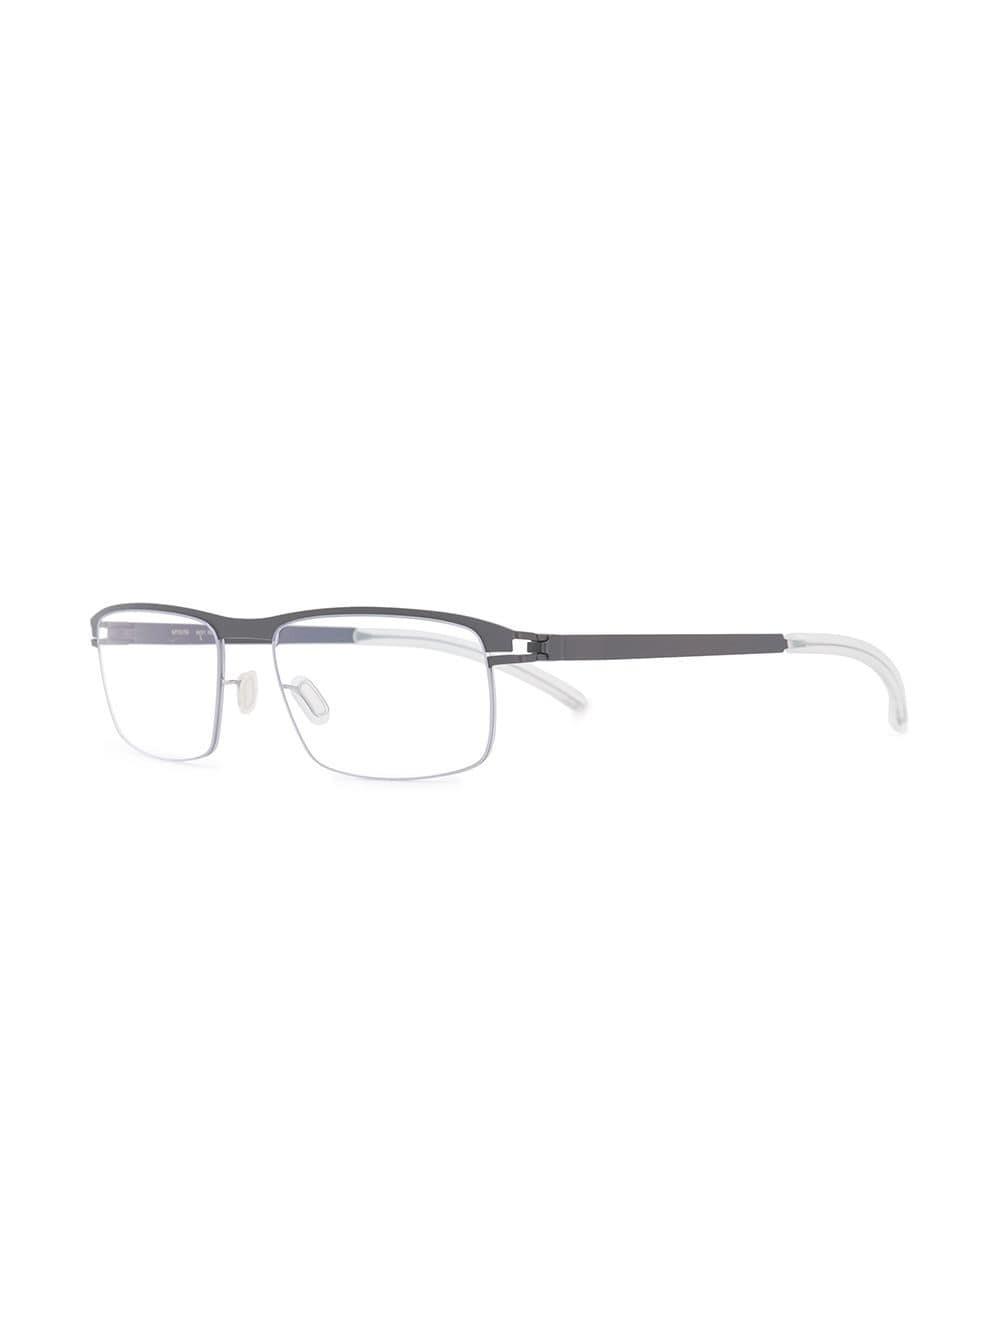 cd6d81db9a5 Mykita - Gray Rectangular Frames Glasses for Men - Lyst. View fullscreen